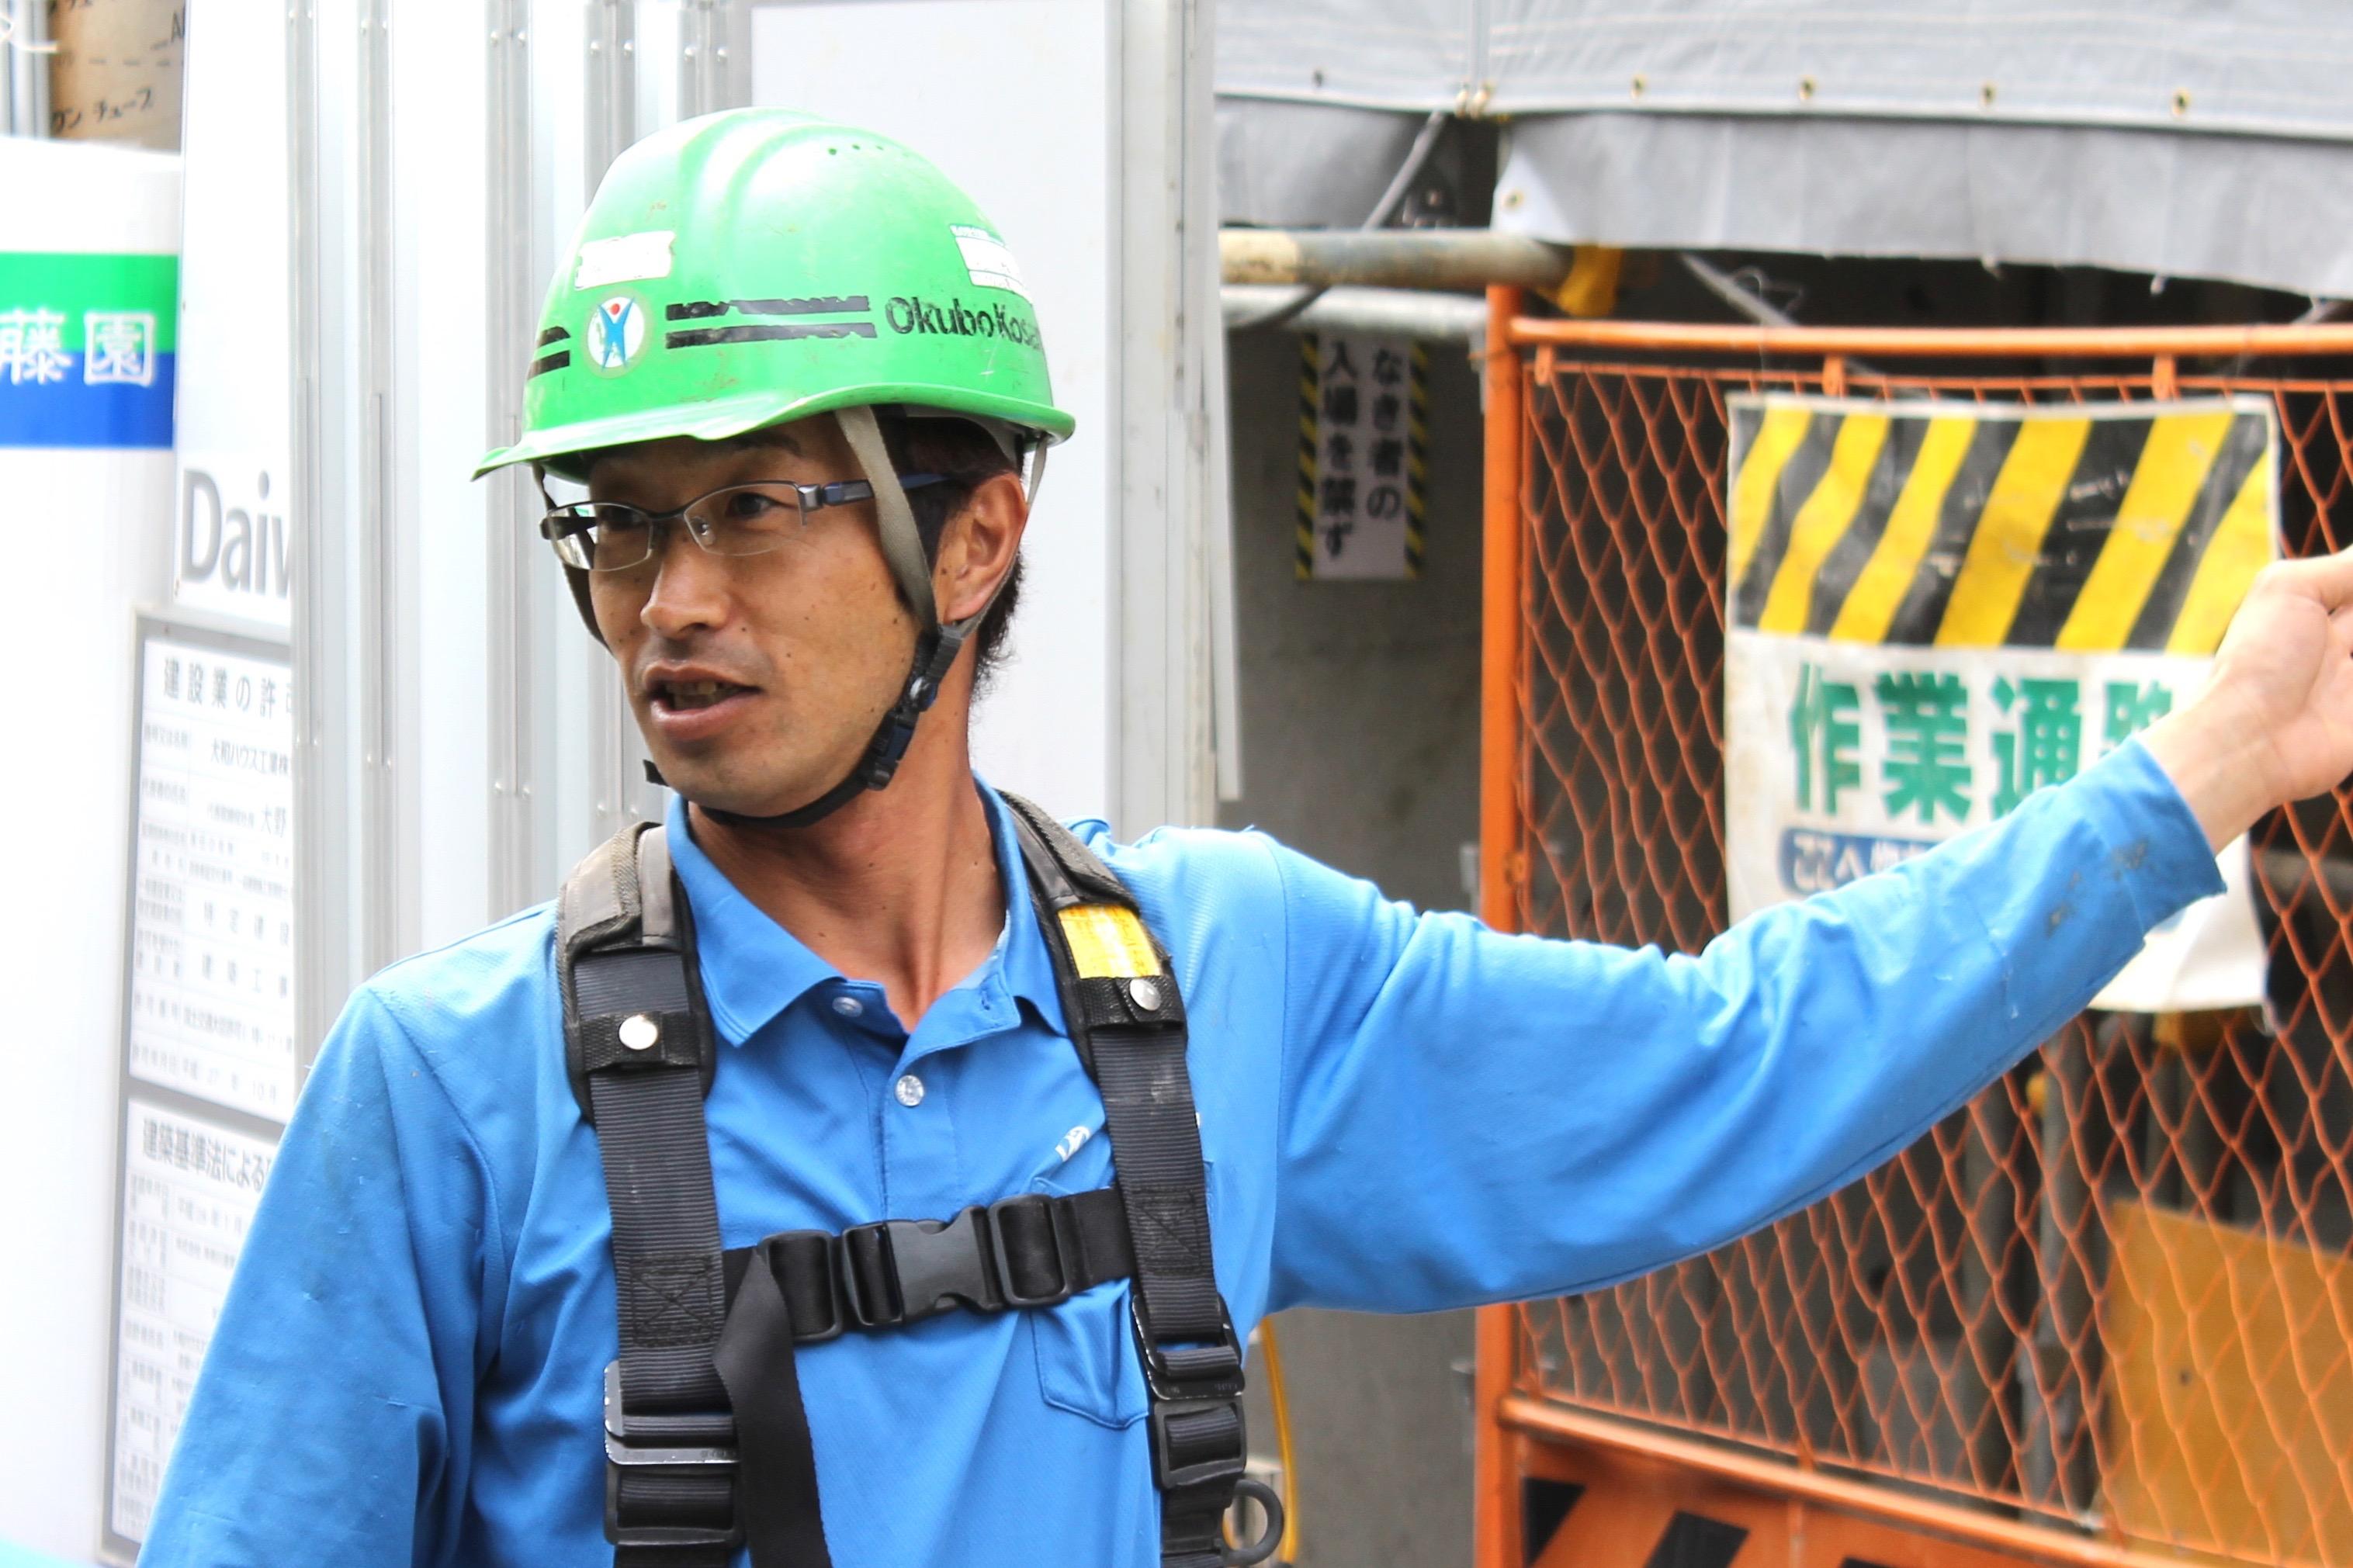 株式会社大久保恒産で働く高層工事柳課長の写真